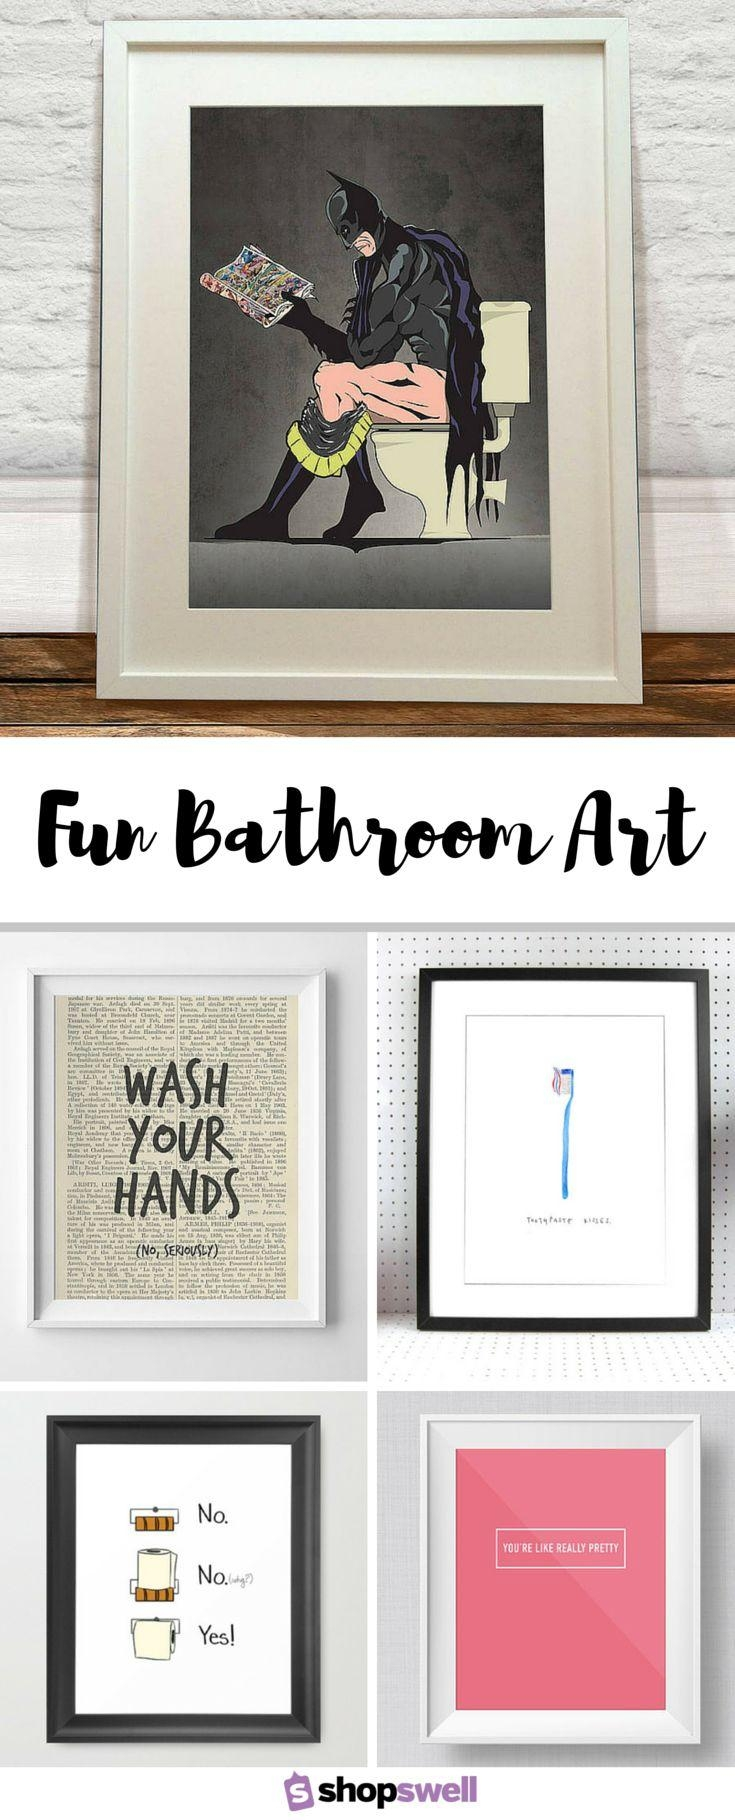 Best 25+ Kids Bathroom Art Ideas On Pinterest | Bathroom Wall Art With Regard To Kids Bathroom Wall Art (Image 10 of 20)